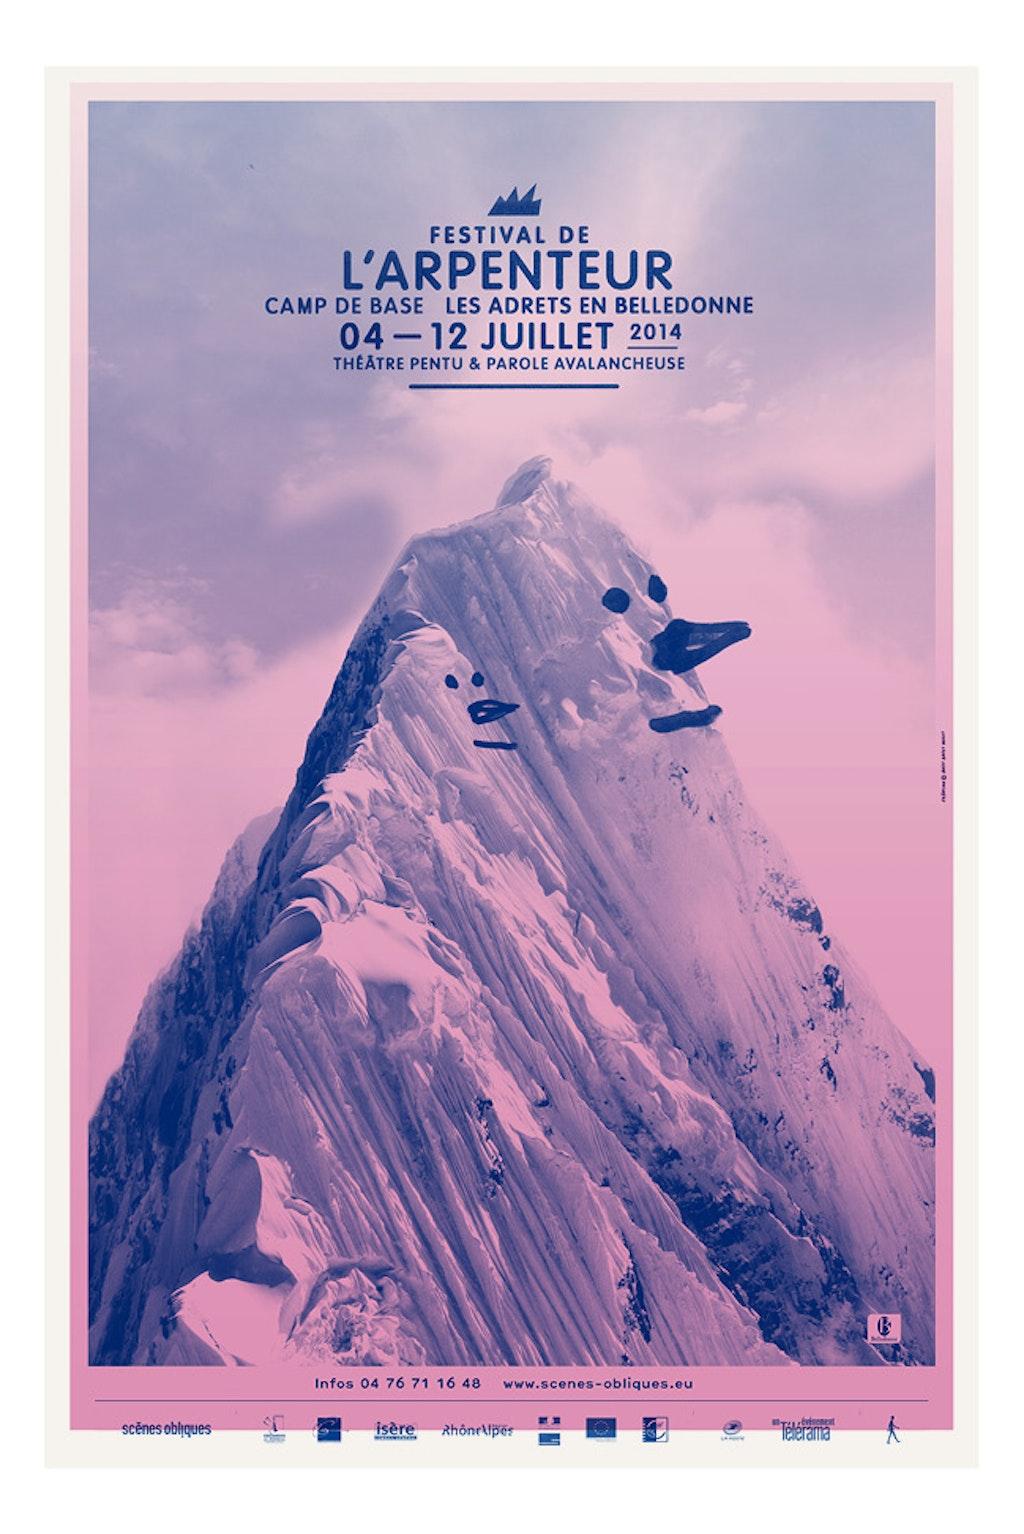 festival de l'Arpenteur 2014